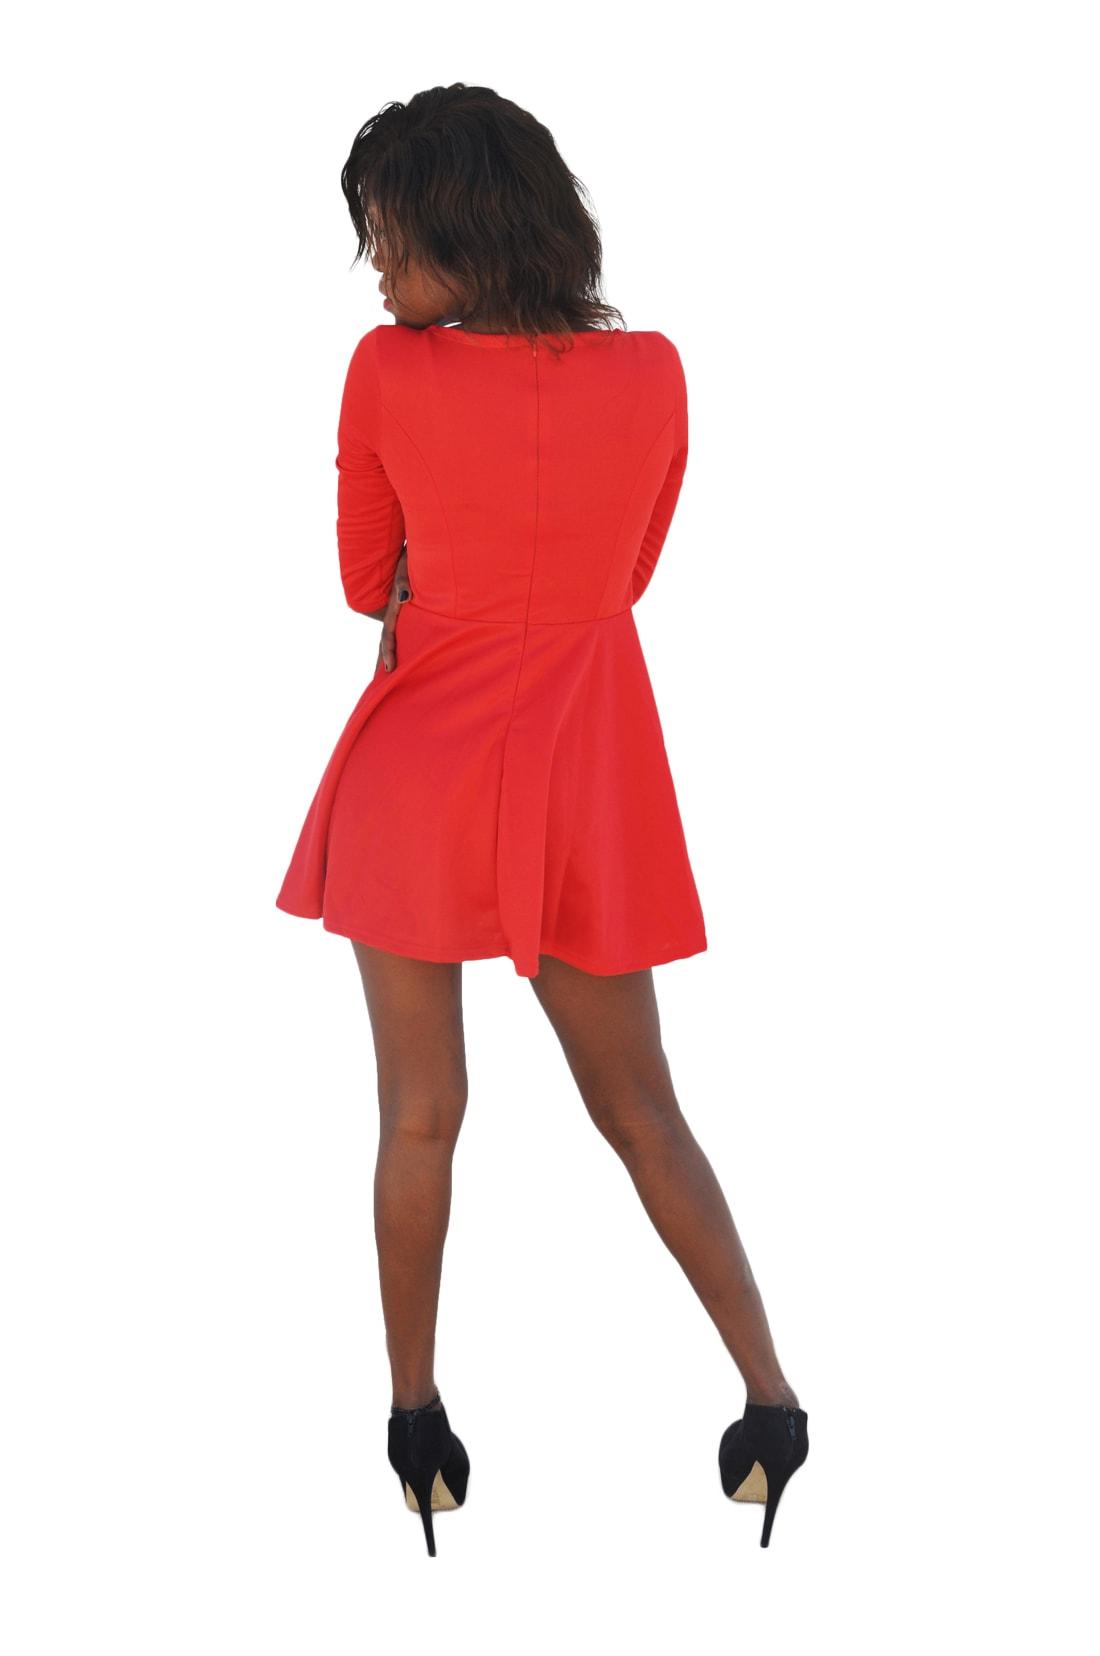 M0184 red4 Leisure Dresses maureens.com boutique